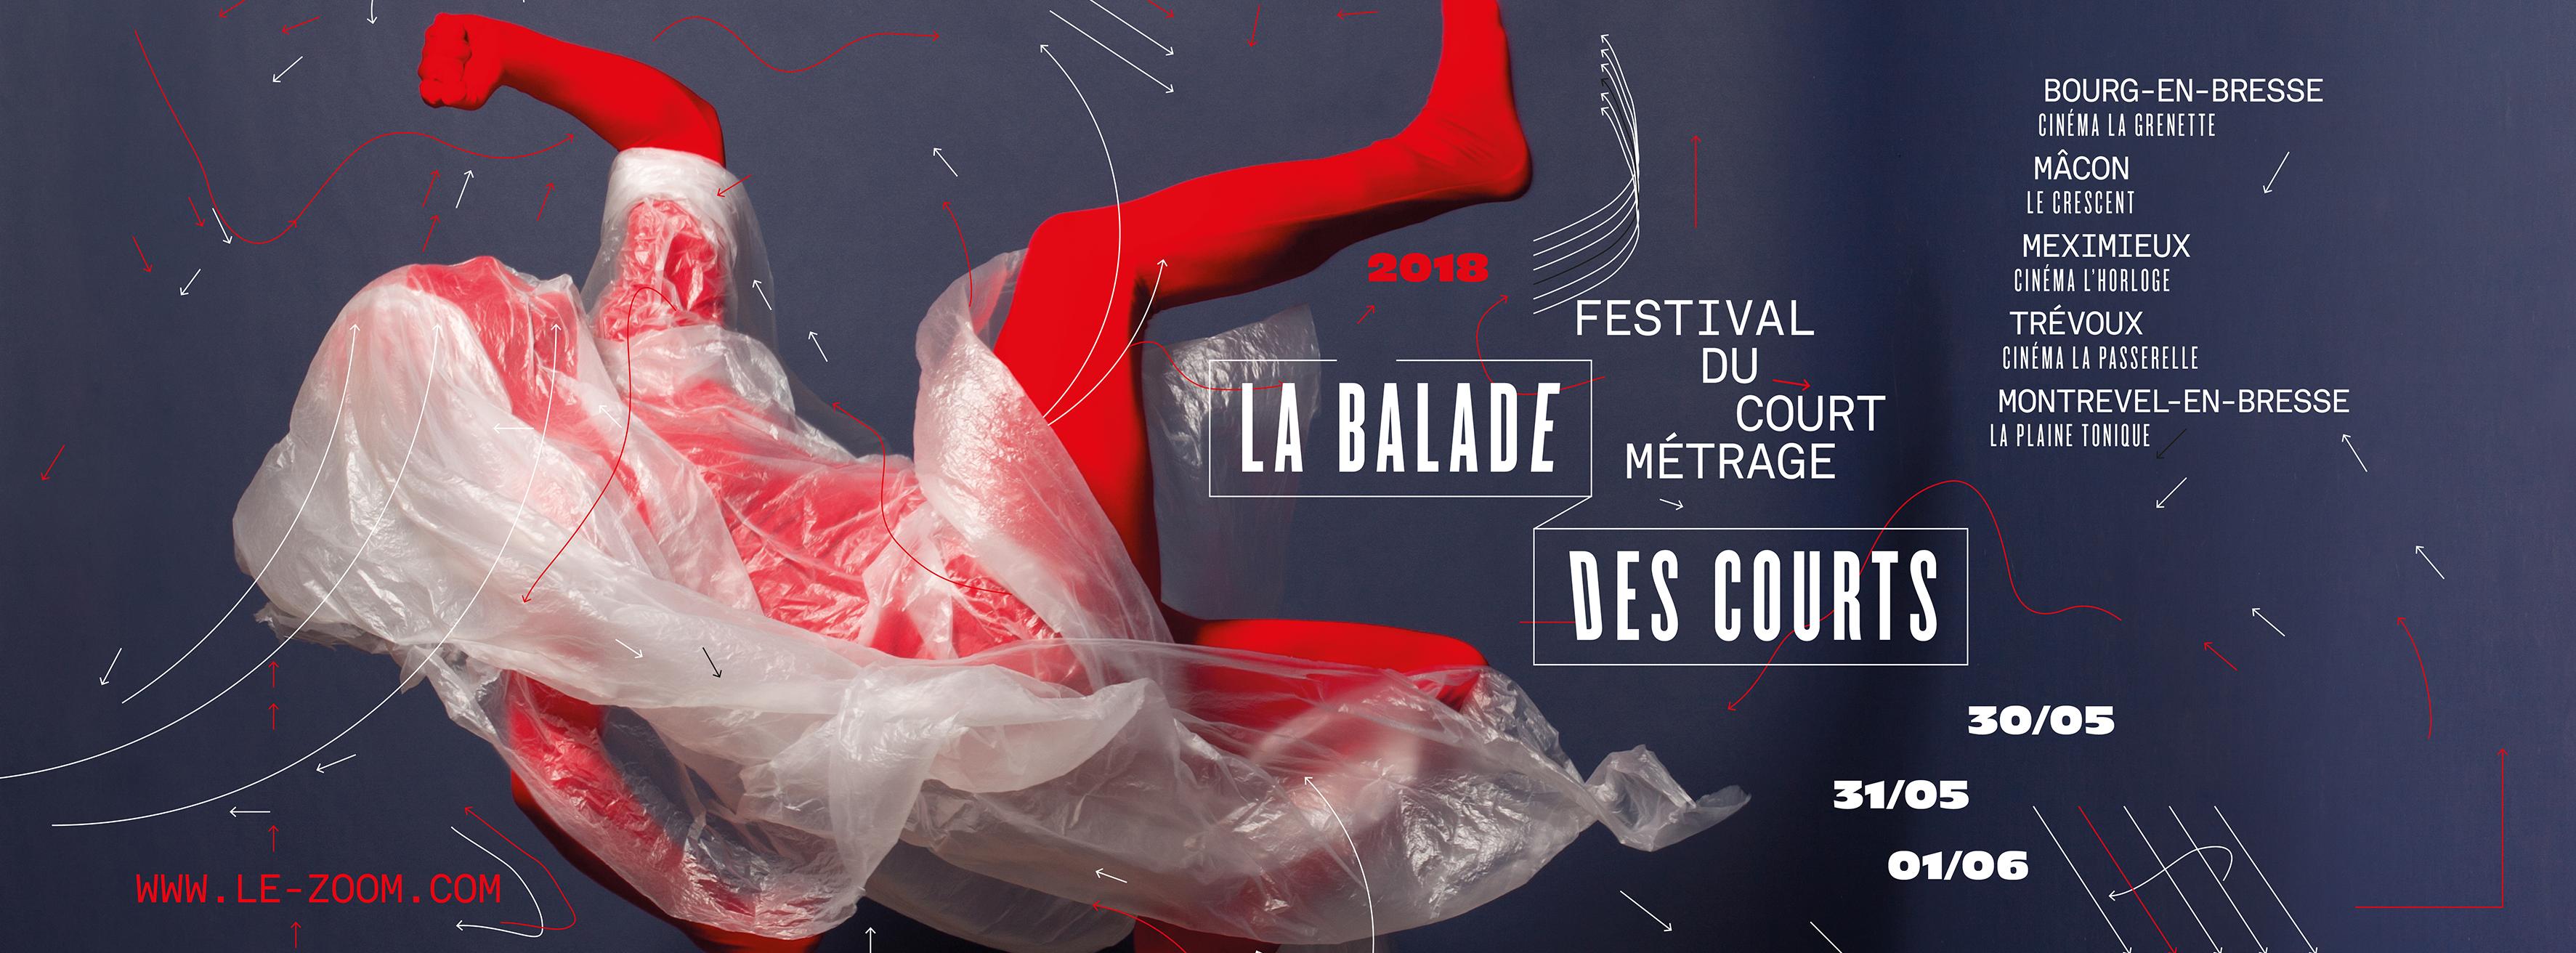 Bannière Festival